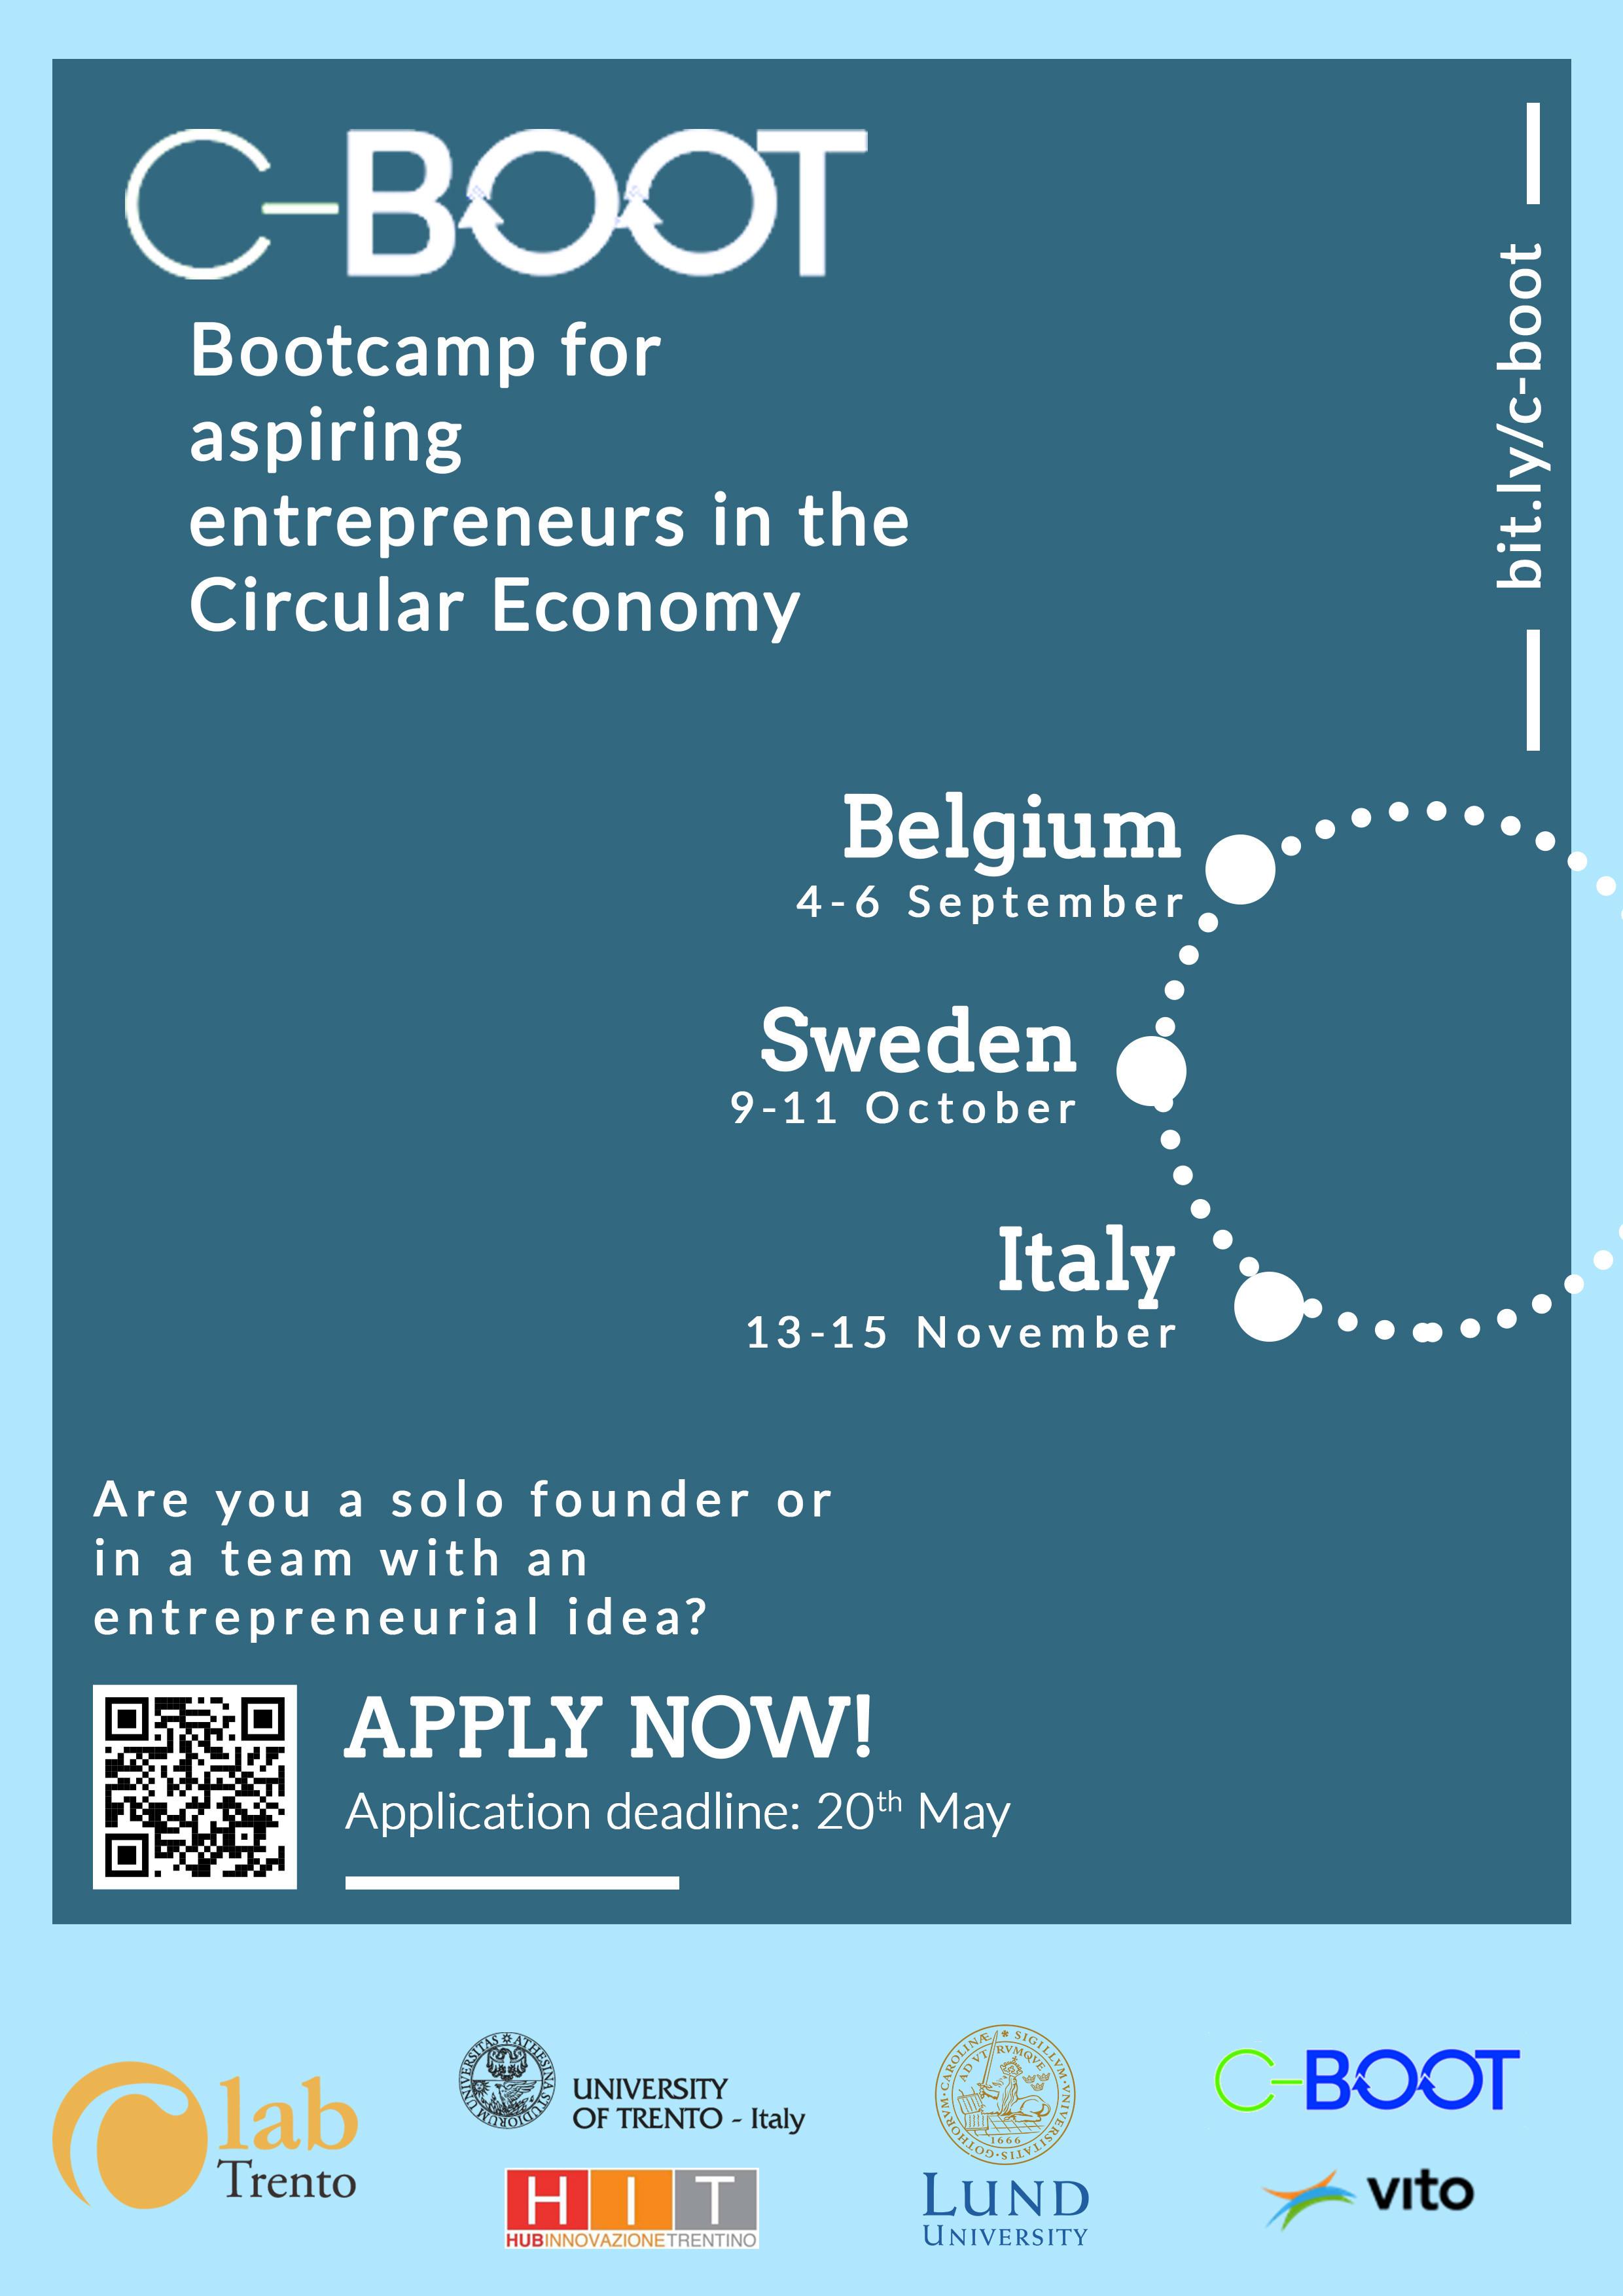 Parte anche a Trento C-BOOT: il programma di coaching internazionale per nuova imprenditorialità nella circular economy